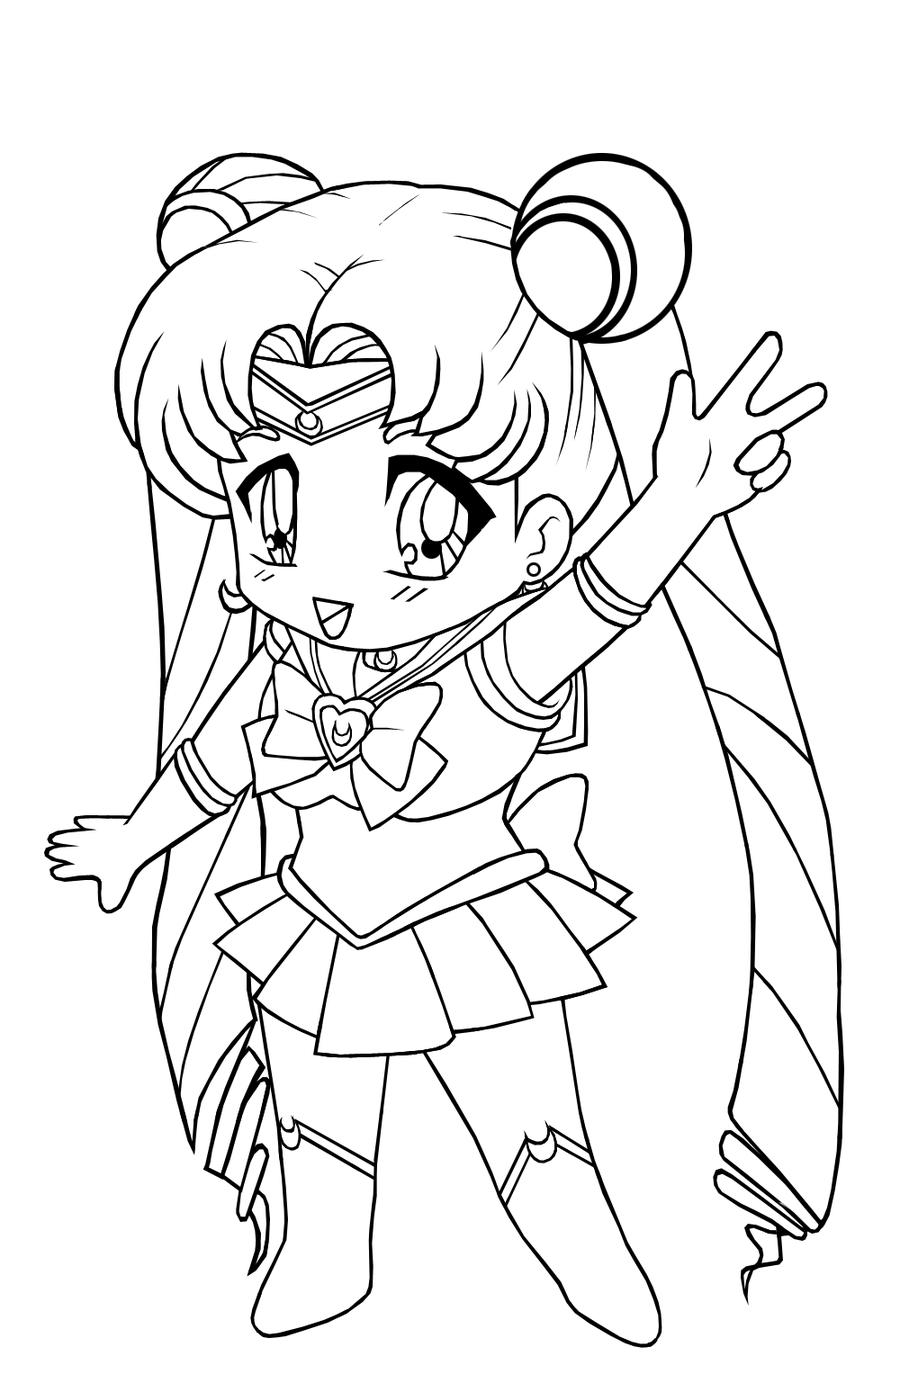 900x1374 Anime Princess Coloring Pages For Kids Girl Neko Printable Animal